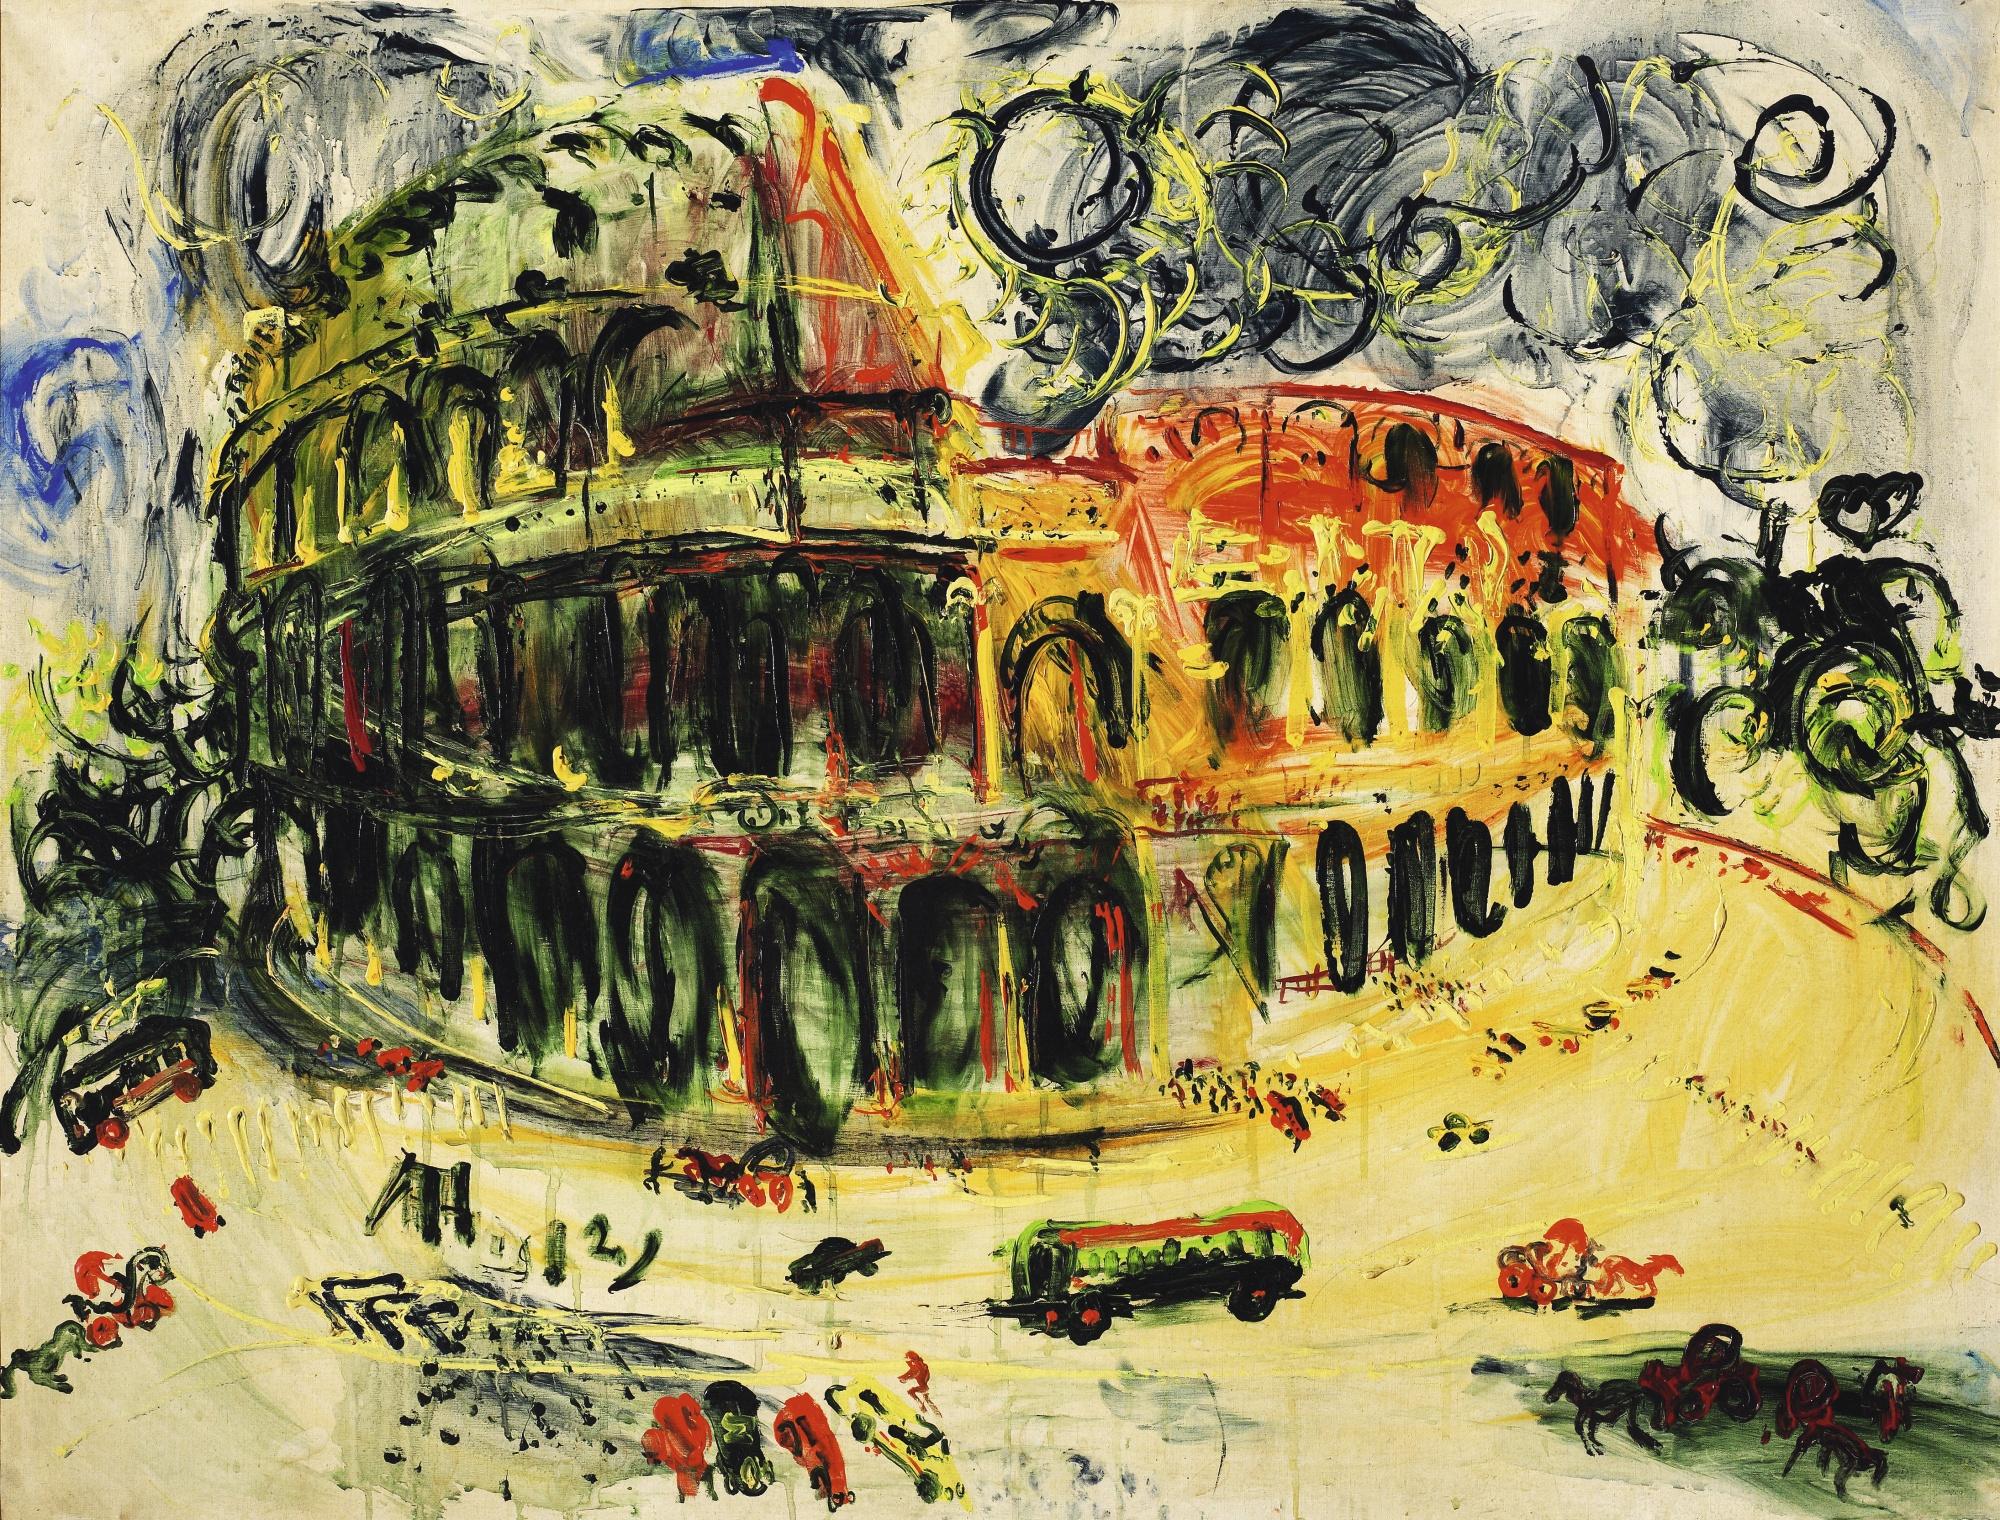 Affandi-Colosseum, Roma (Colosseum, Rome)-1972